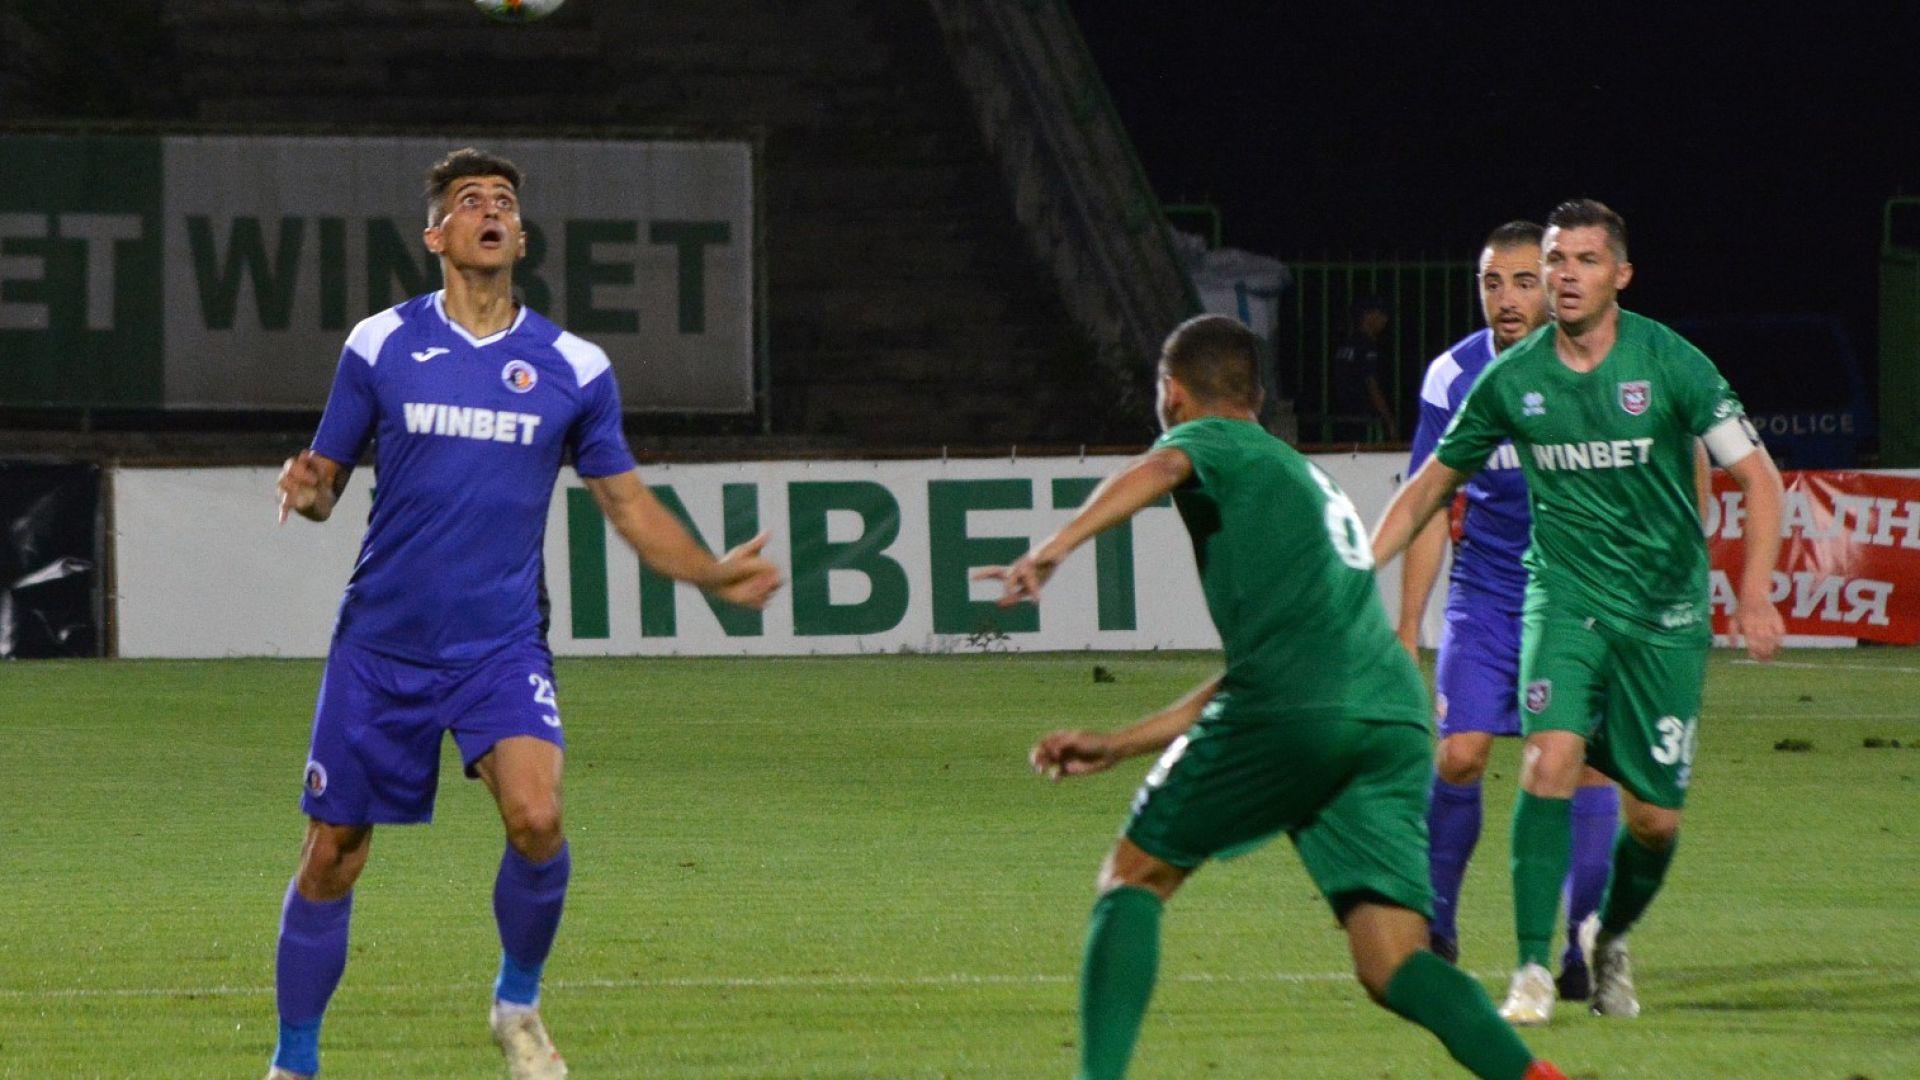 Дани Младенов превъзмогна трагедията и вкара гол, но Етър допусна обрат във Враца